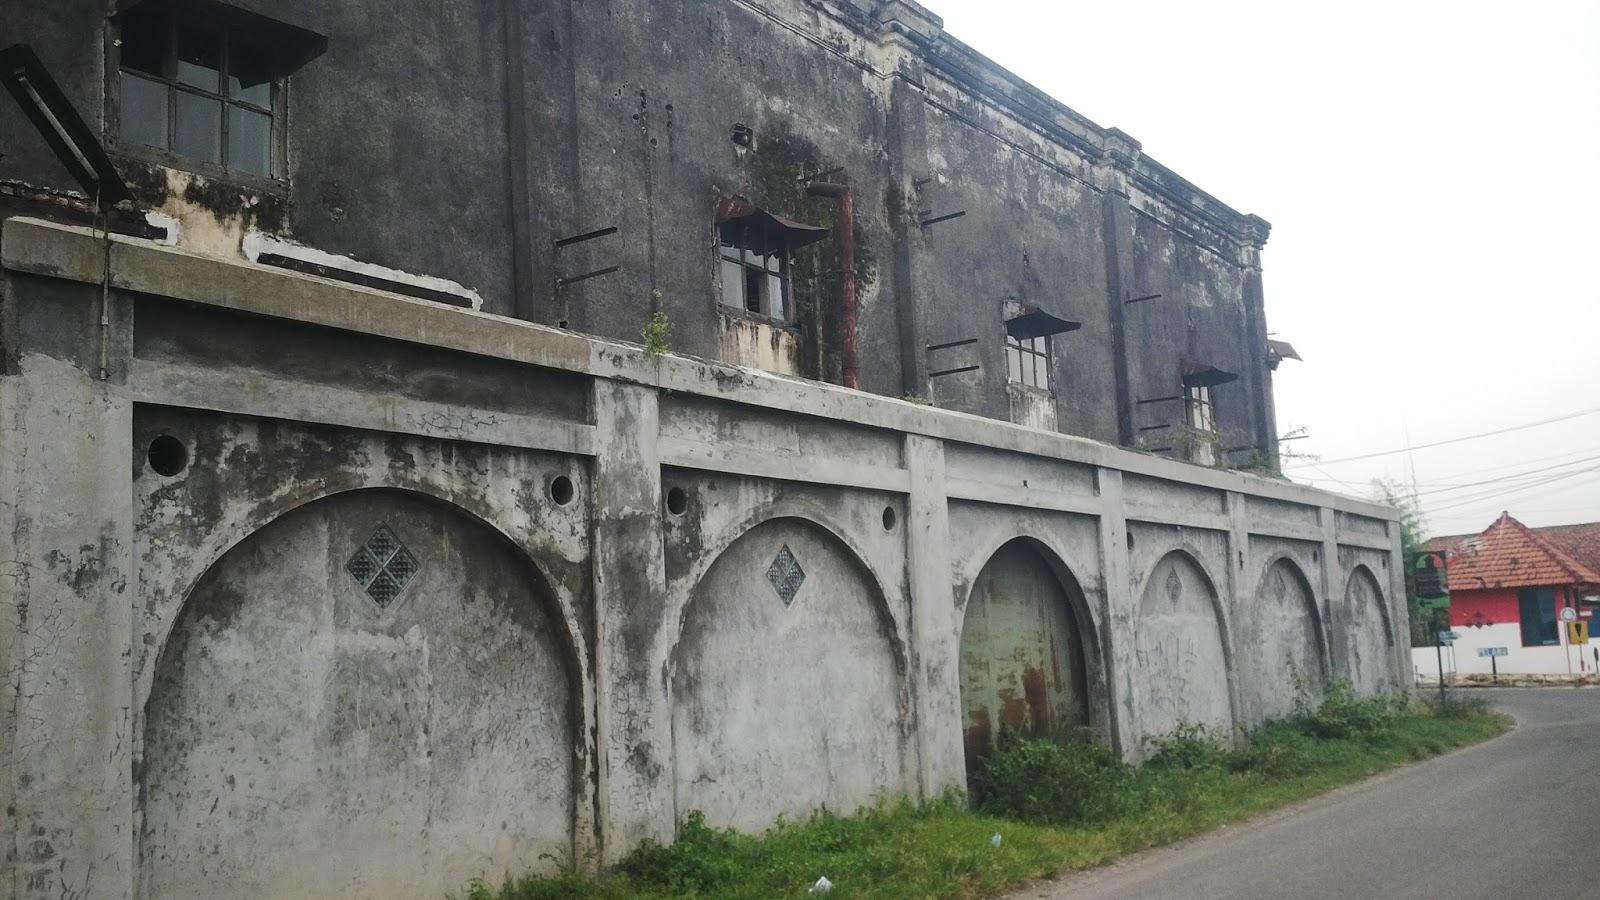 Tempat di Solo yang menyimpan cerita angker - pabrik gula Gembongan